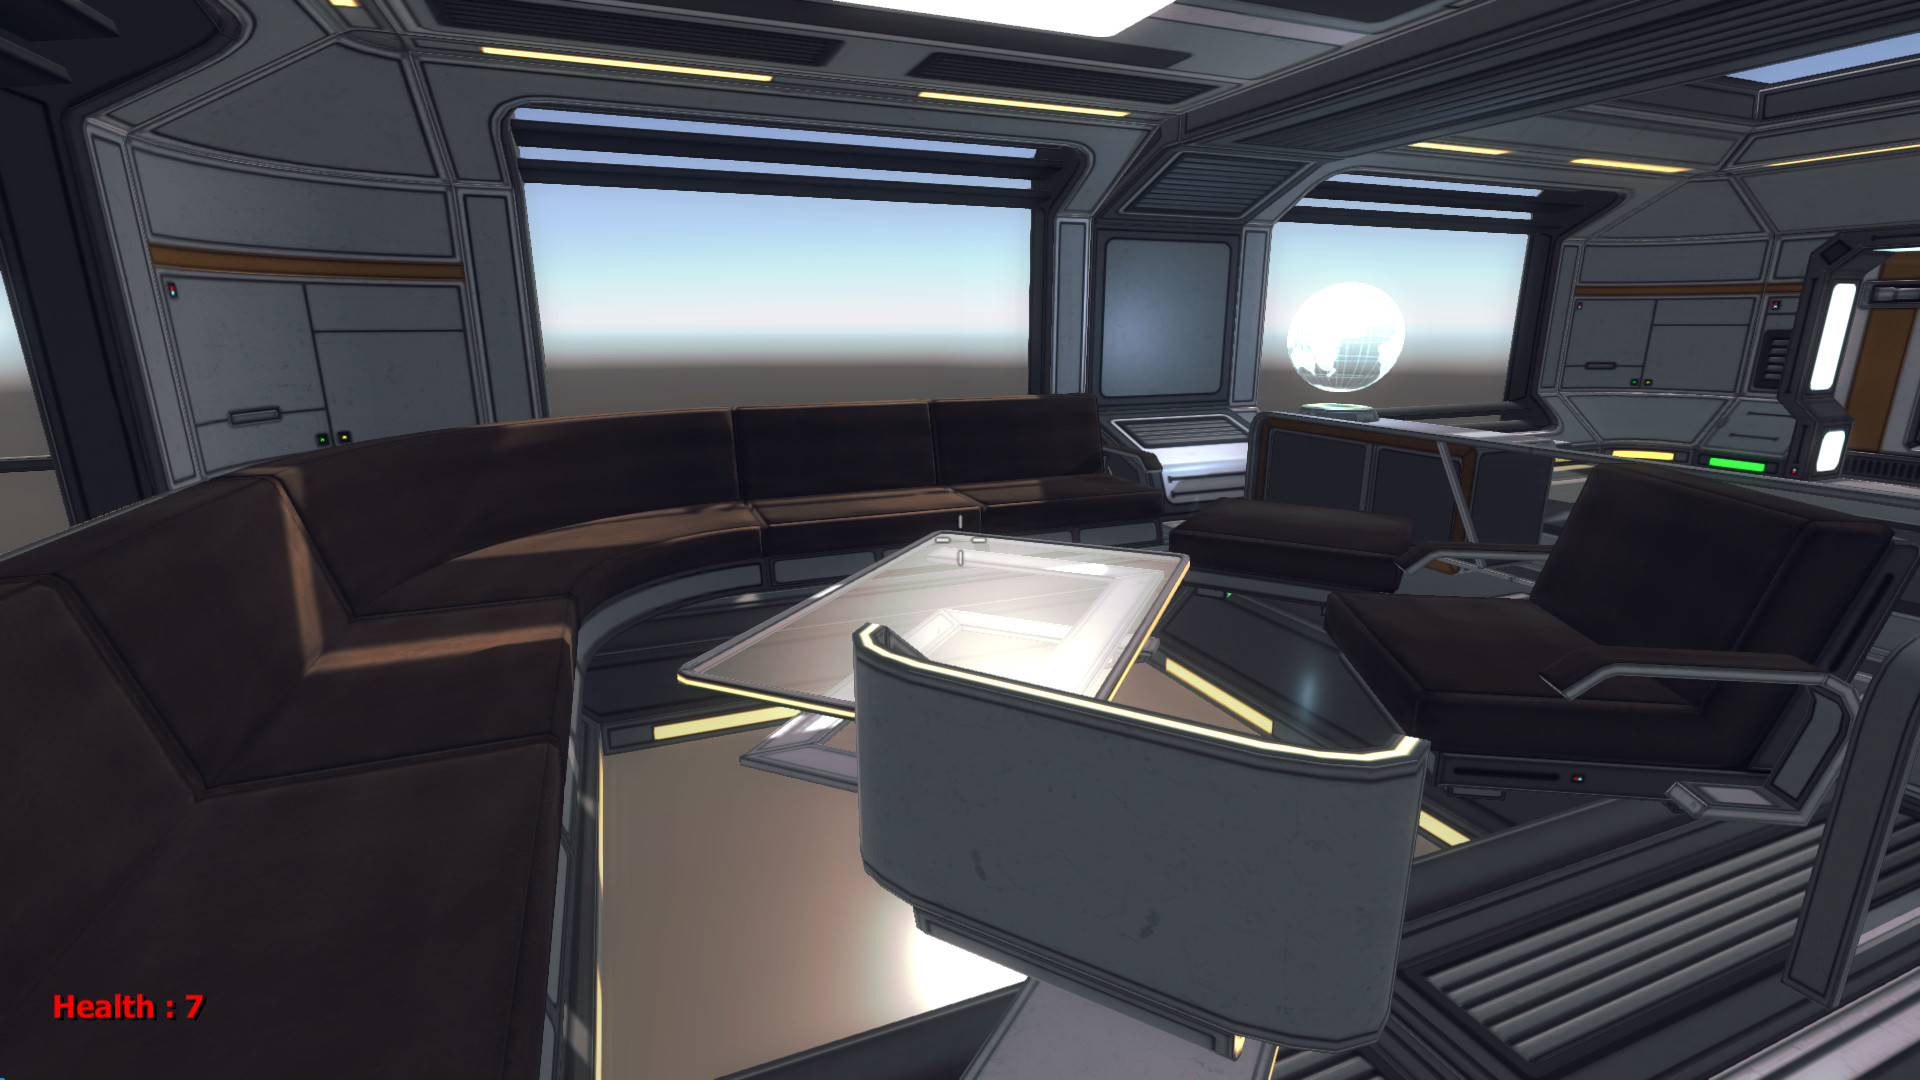 Spacecraft War Free Download